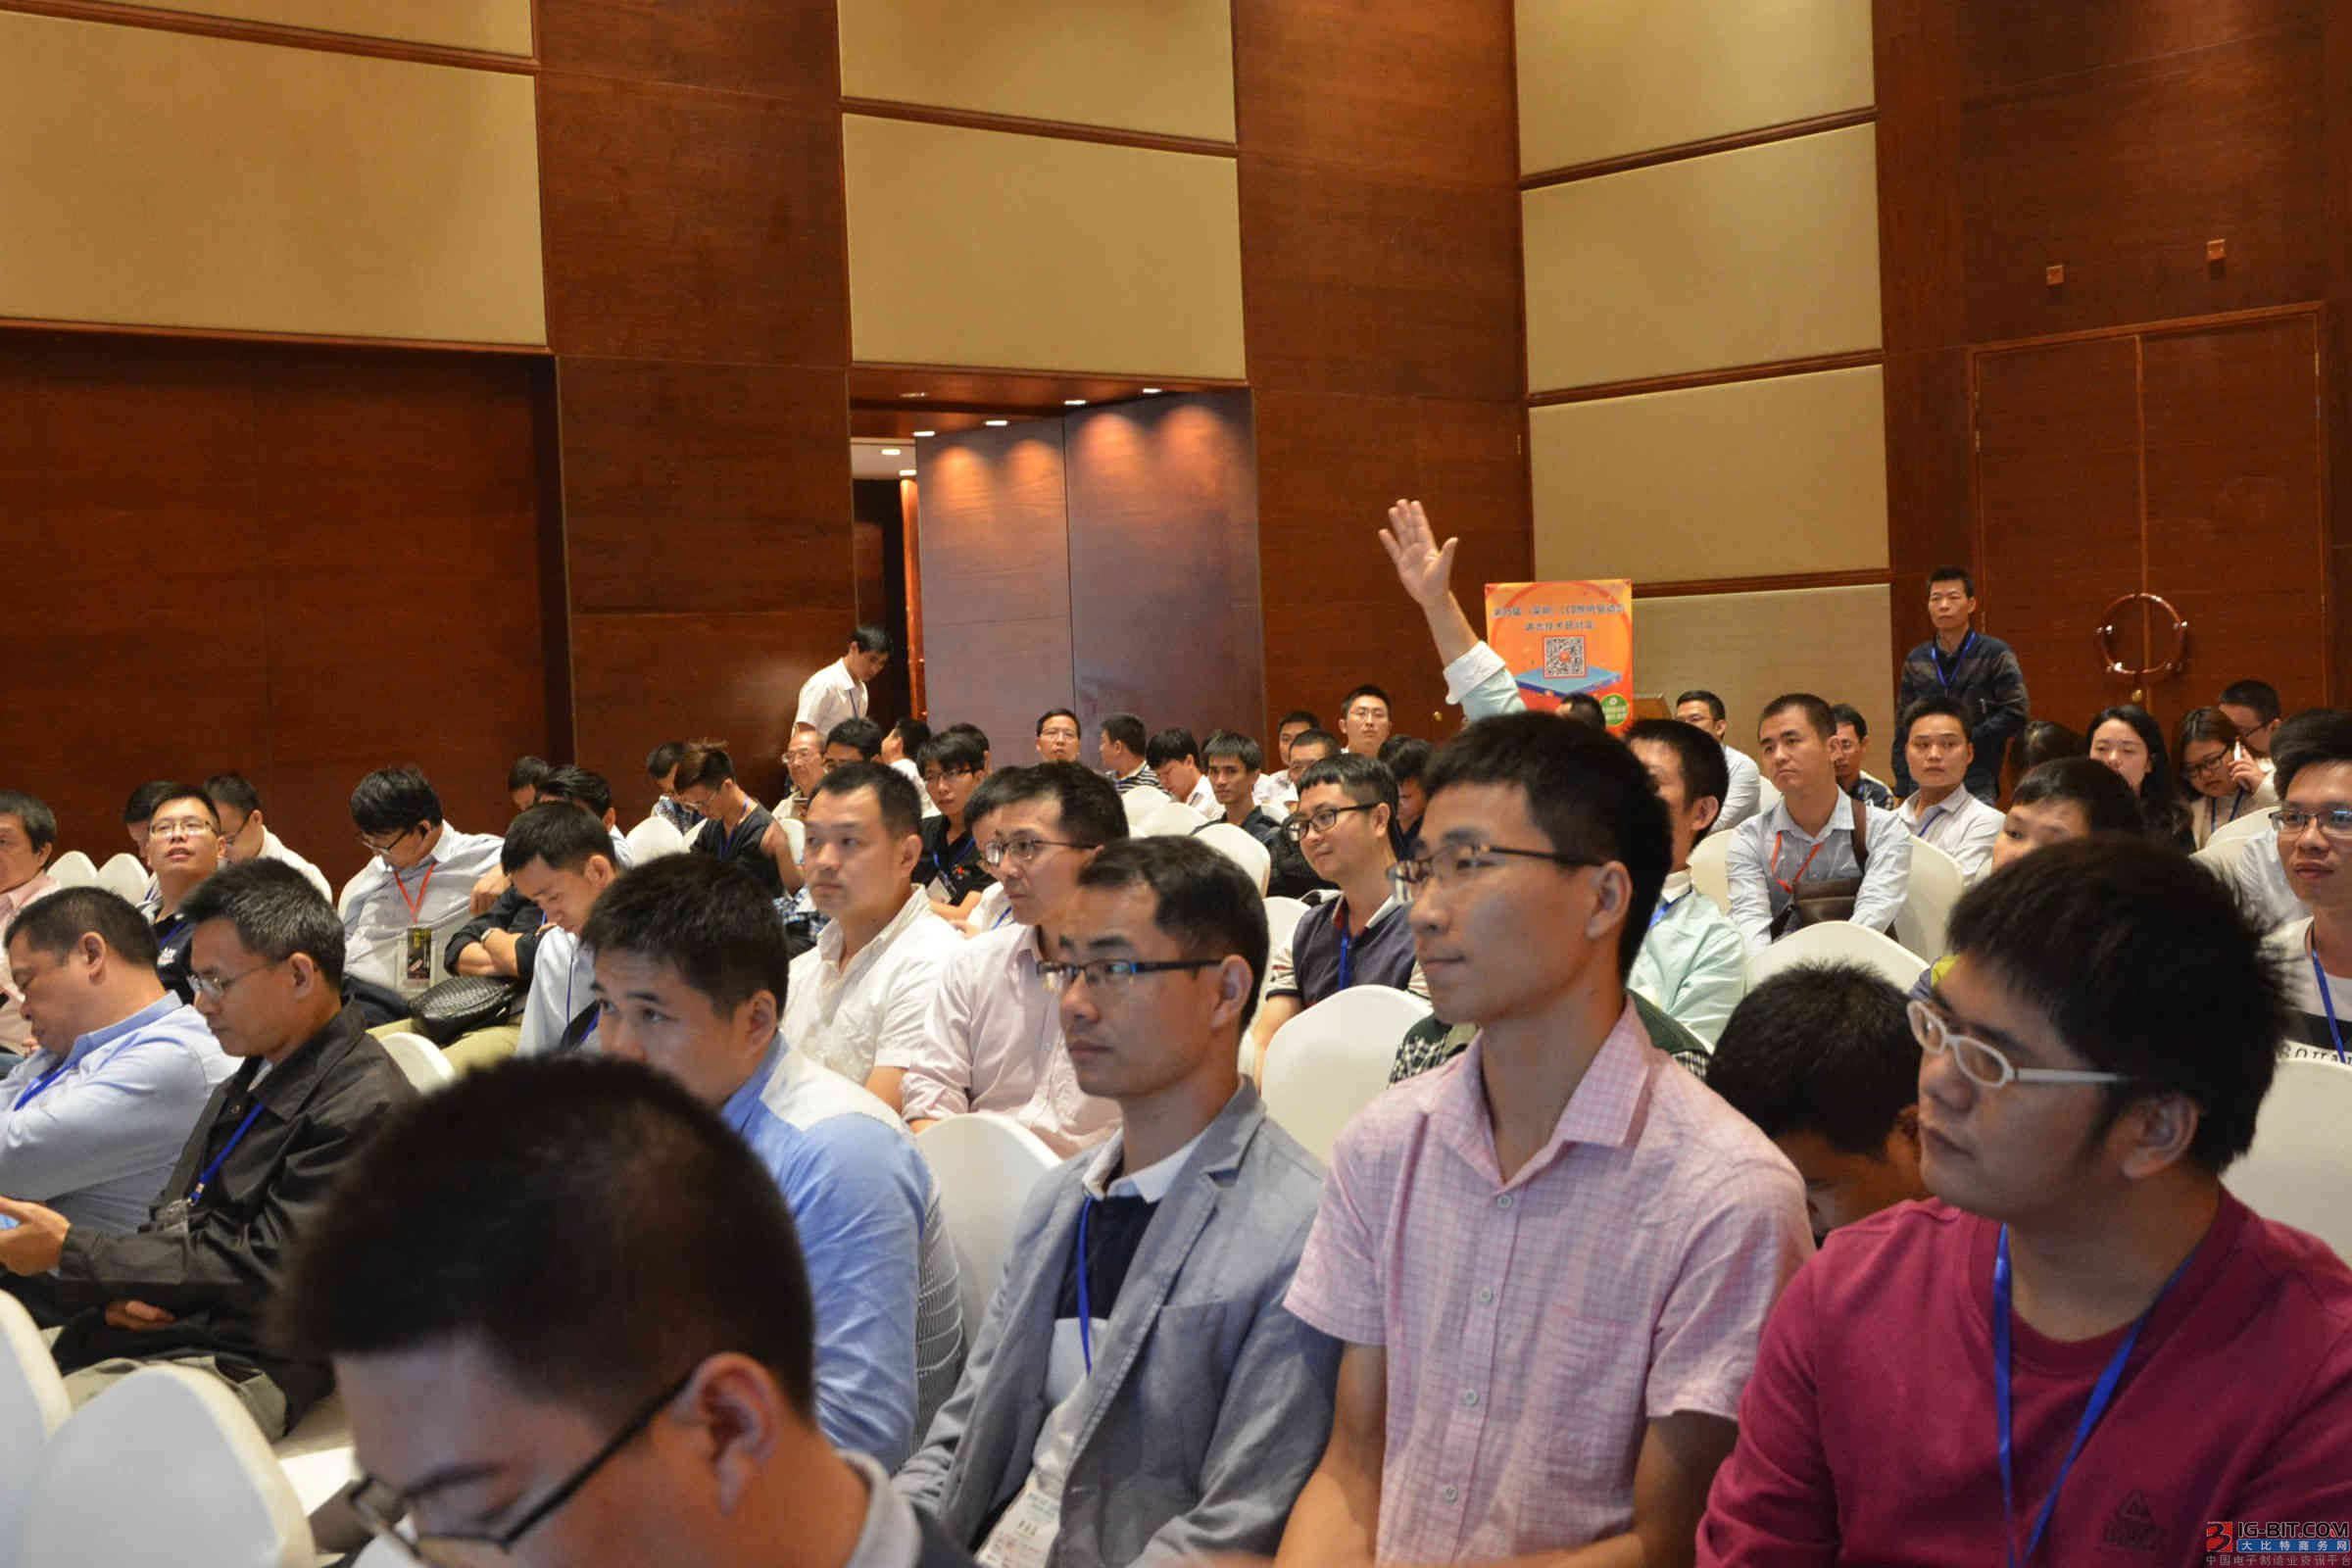 十二场专题演讲,一场专业会议带你了解LED照明驱动与调光最新技术进展!